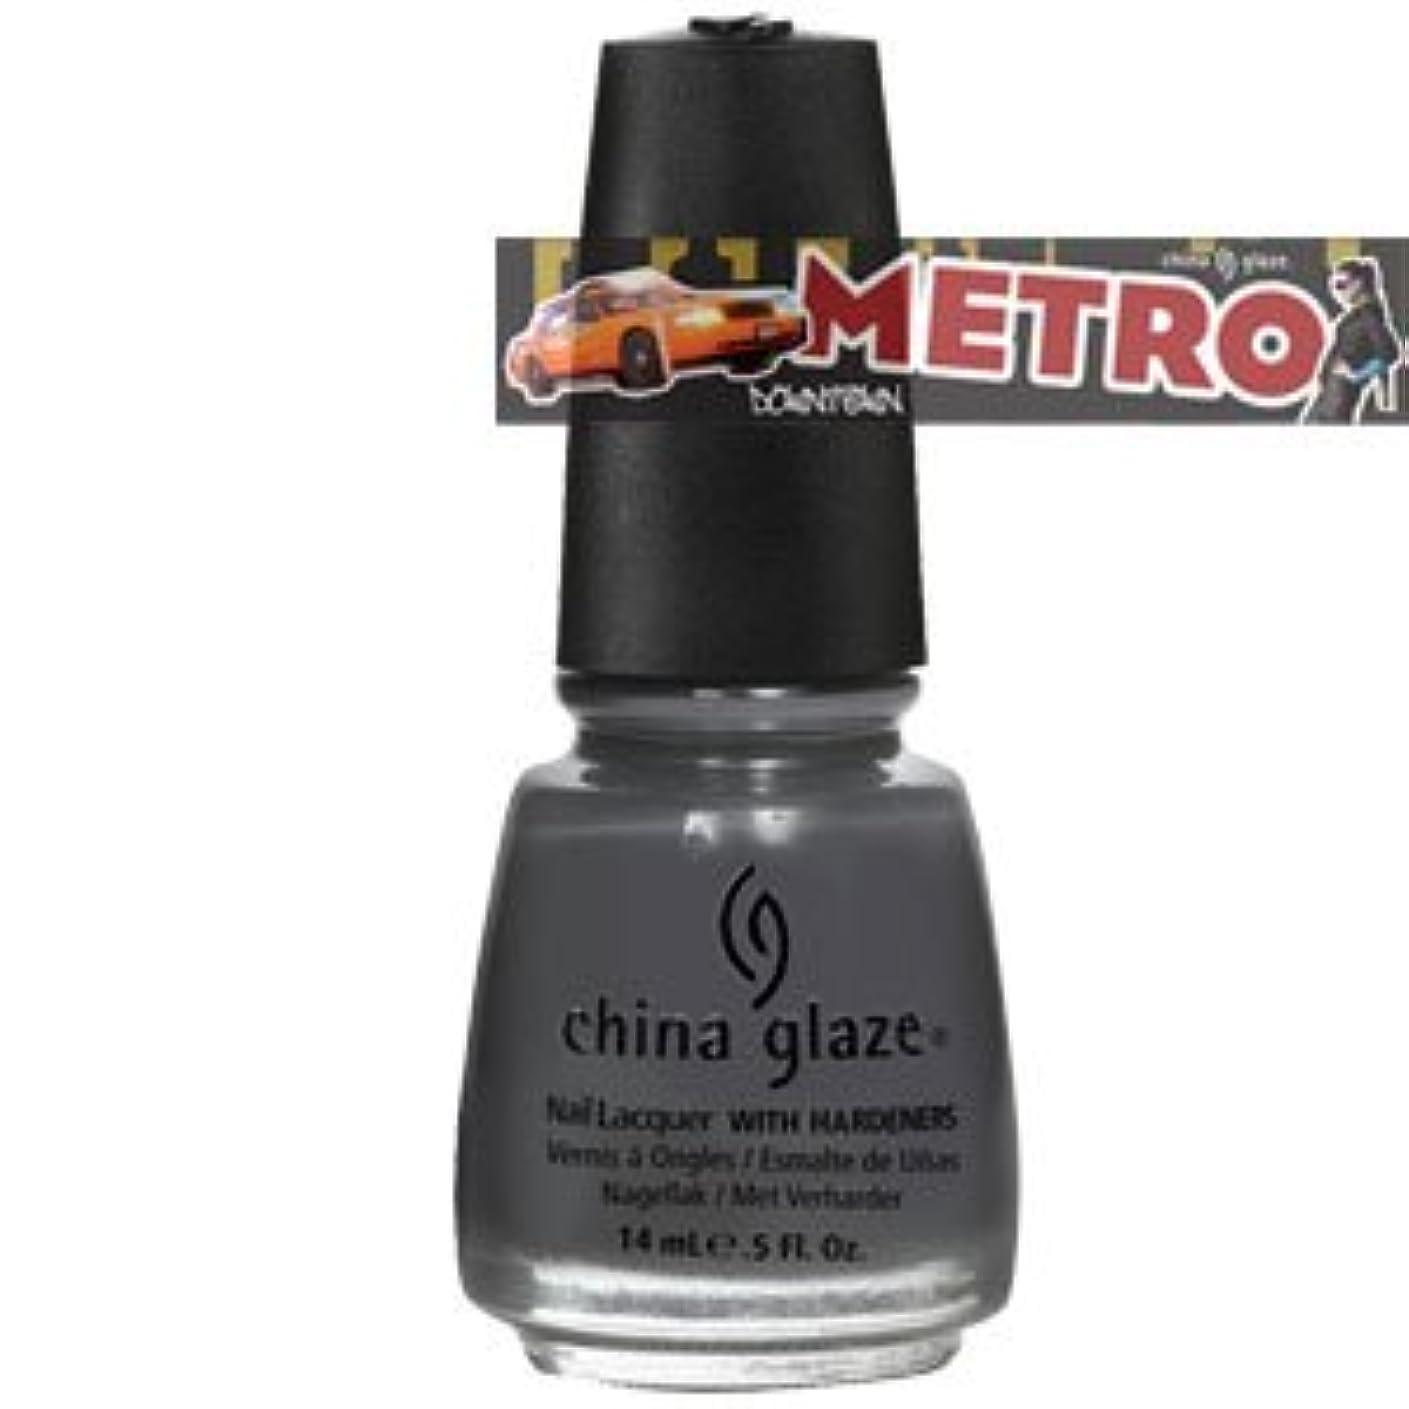 エレガント歌手ミスペンド(チャイナグレイズ)China Glaze メトロコレクション? Concrete Catwalk [海外直送品][並行輸入品]